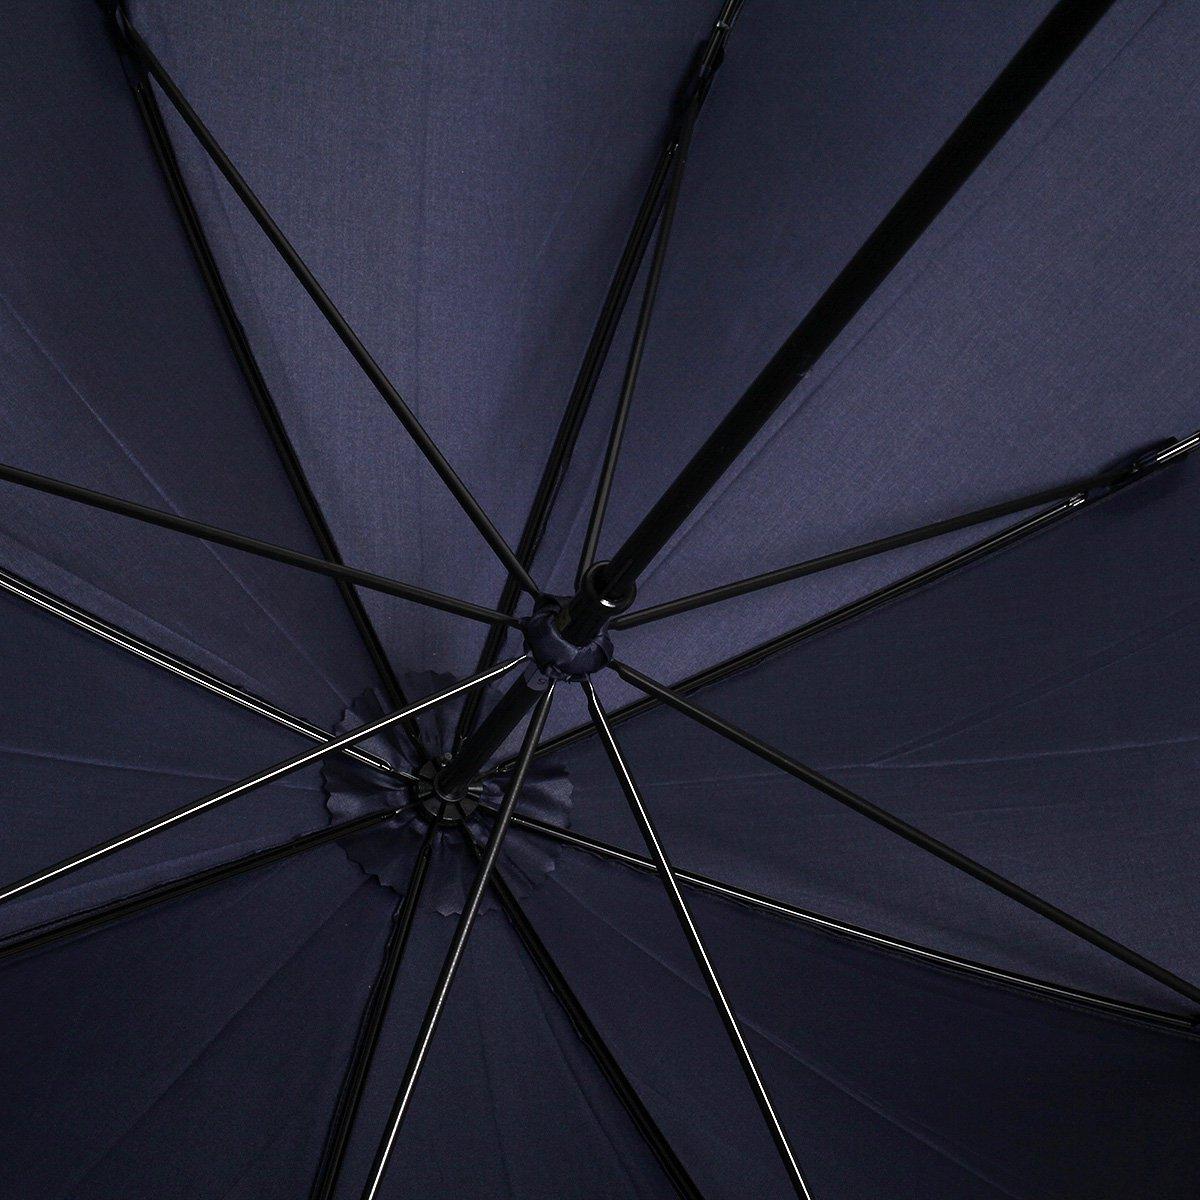 【公式限定】アイアンウッド 富士絹 スリム 長傘 詳細画像11